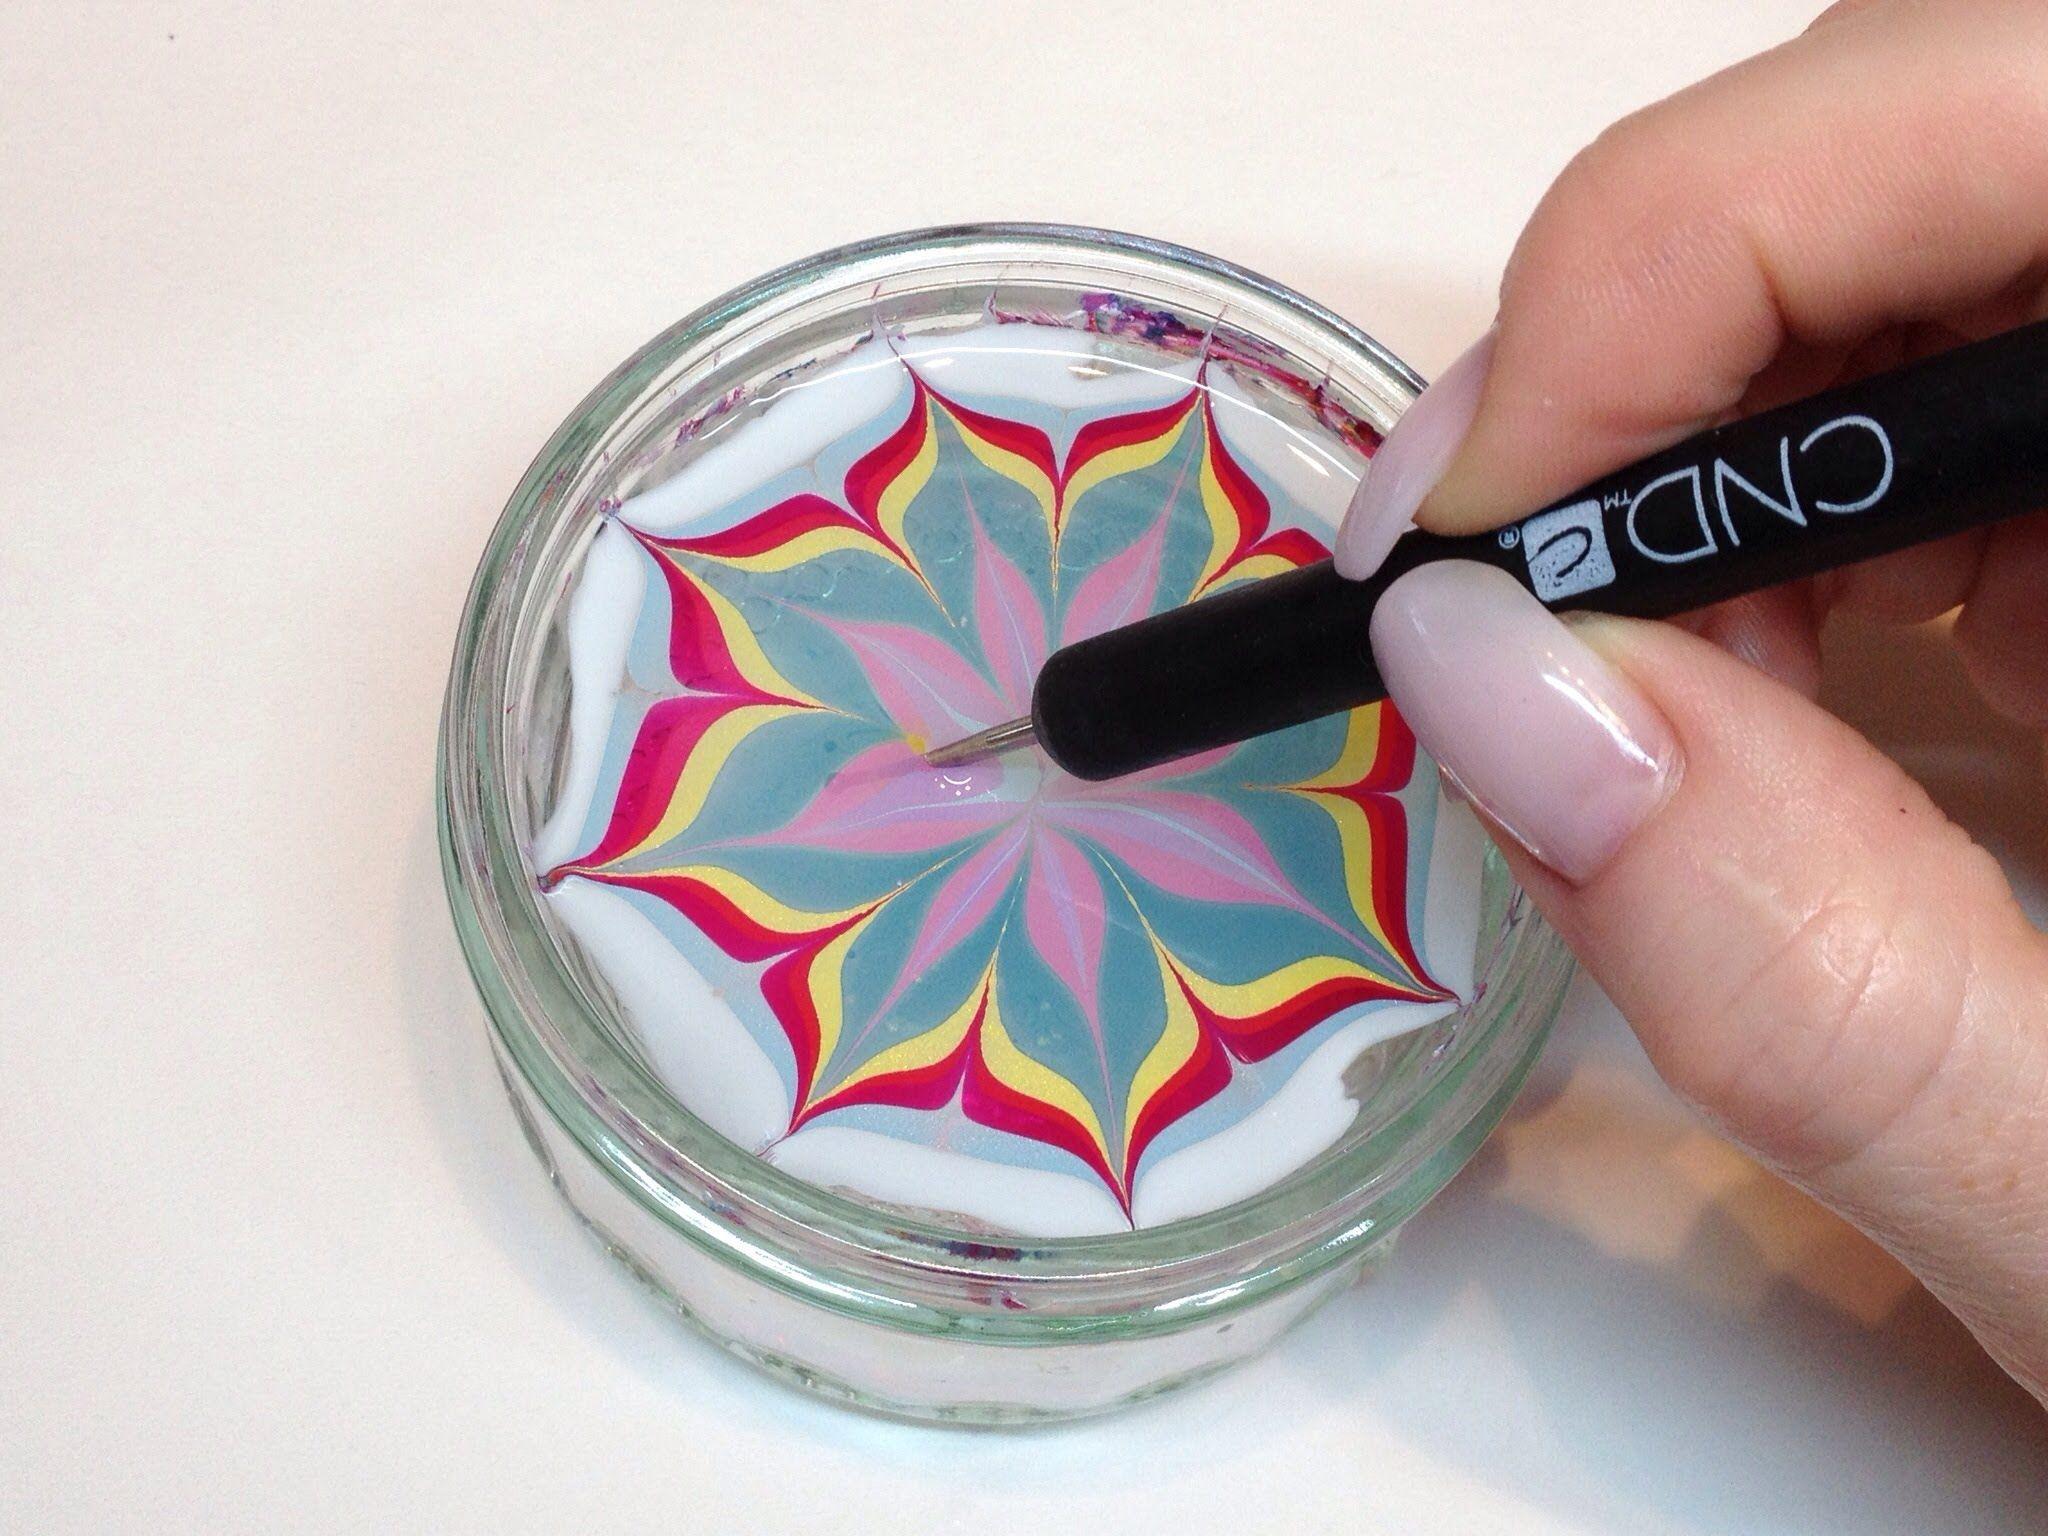 How To Produce Water Marbling Nail Art With Nail Polish Cnd Vinylux Nail Art Videos Nail Art Tutorial Diy Nails